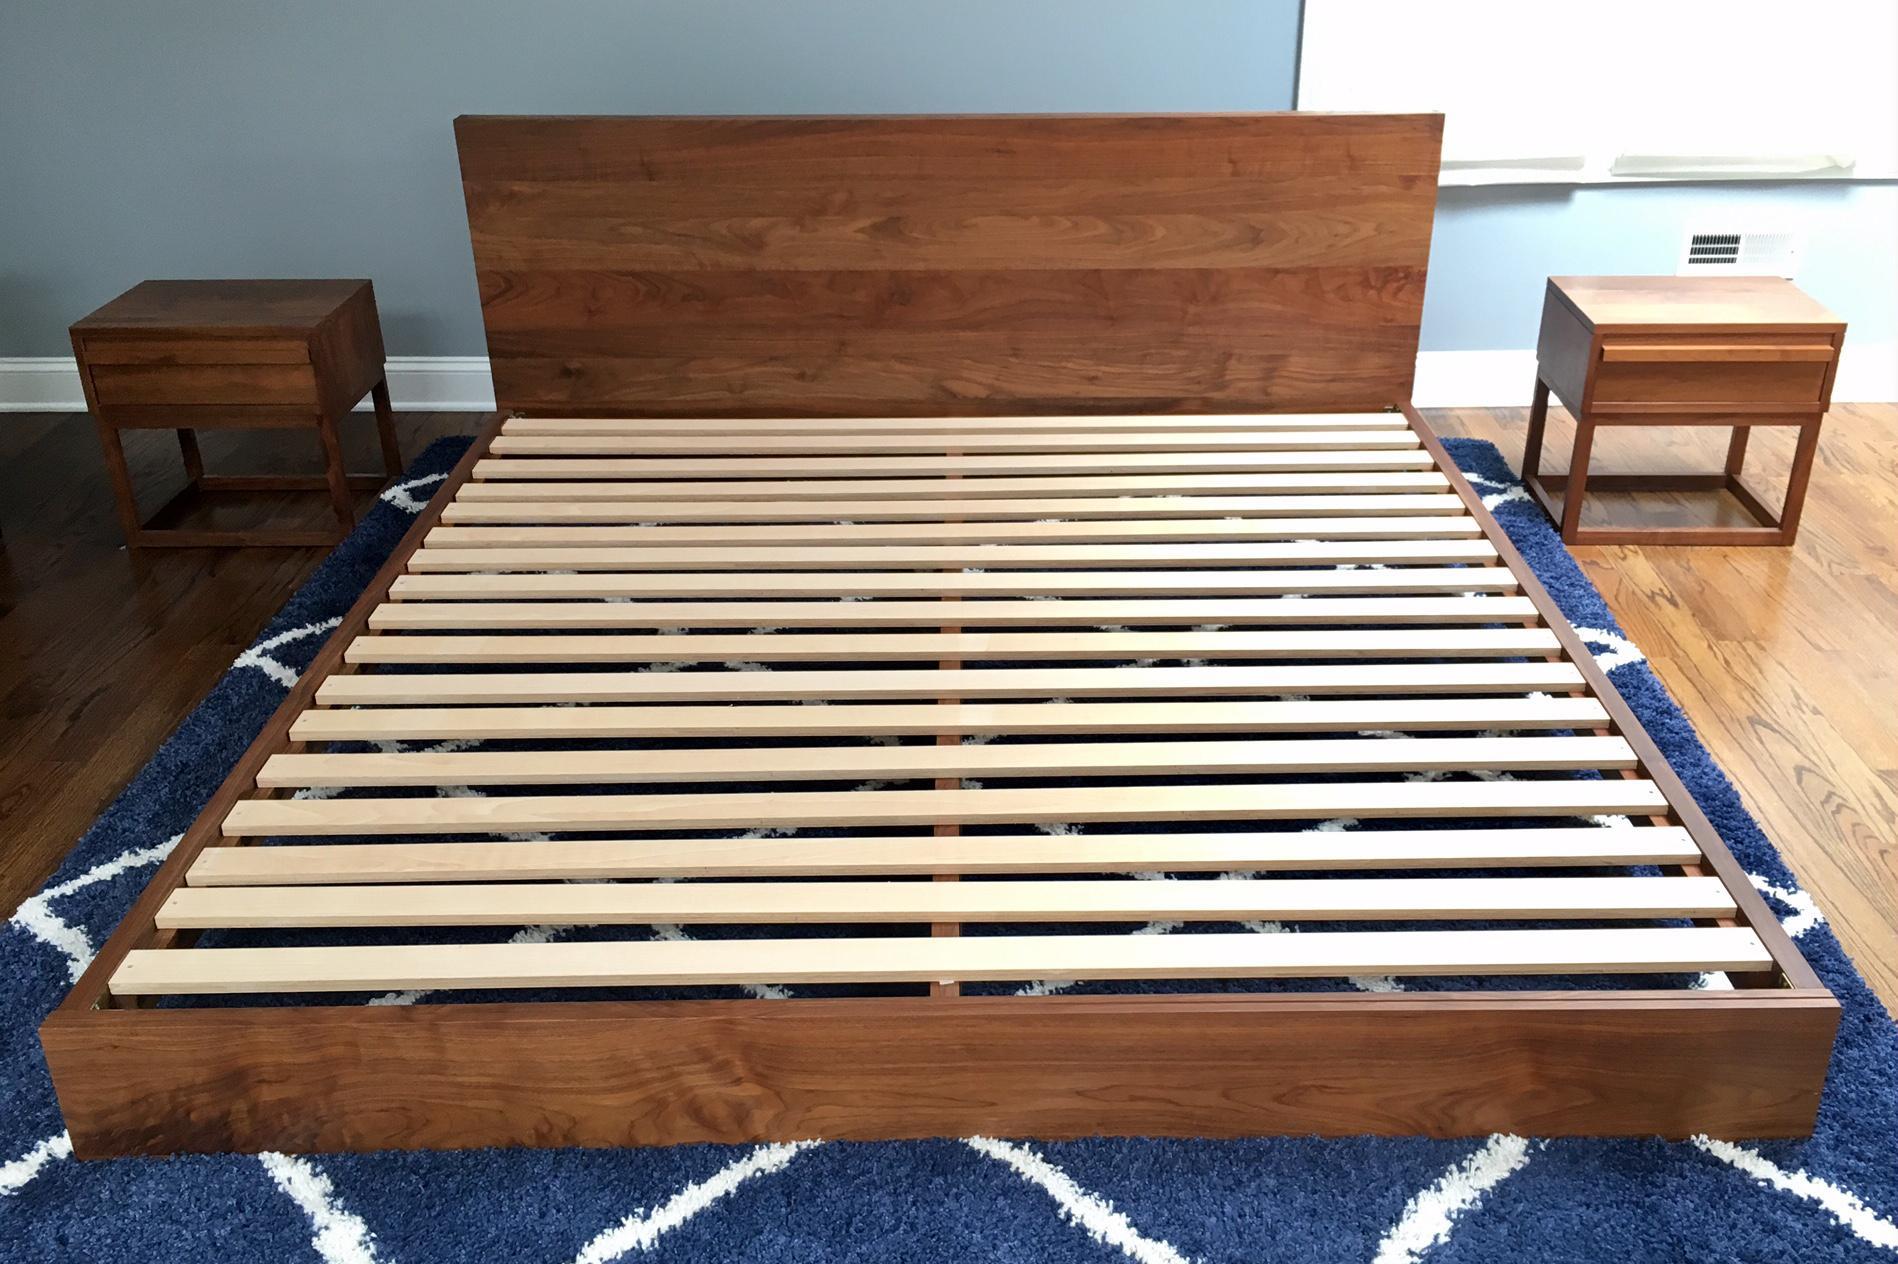 Modern Platform Atlantico Walnut Bed By De La Espada   Image 5 Of 6